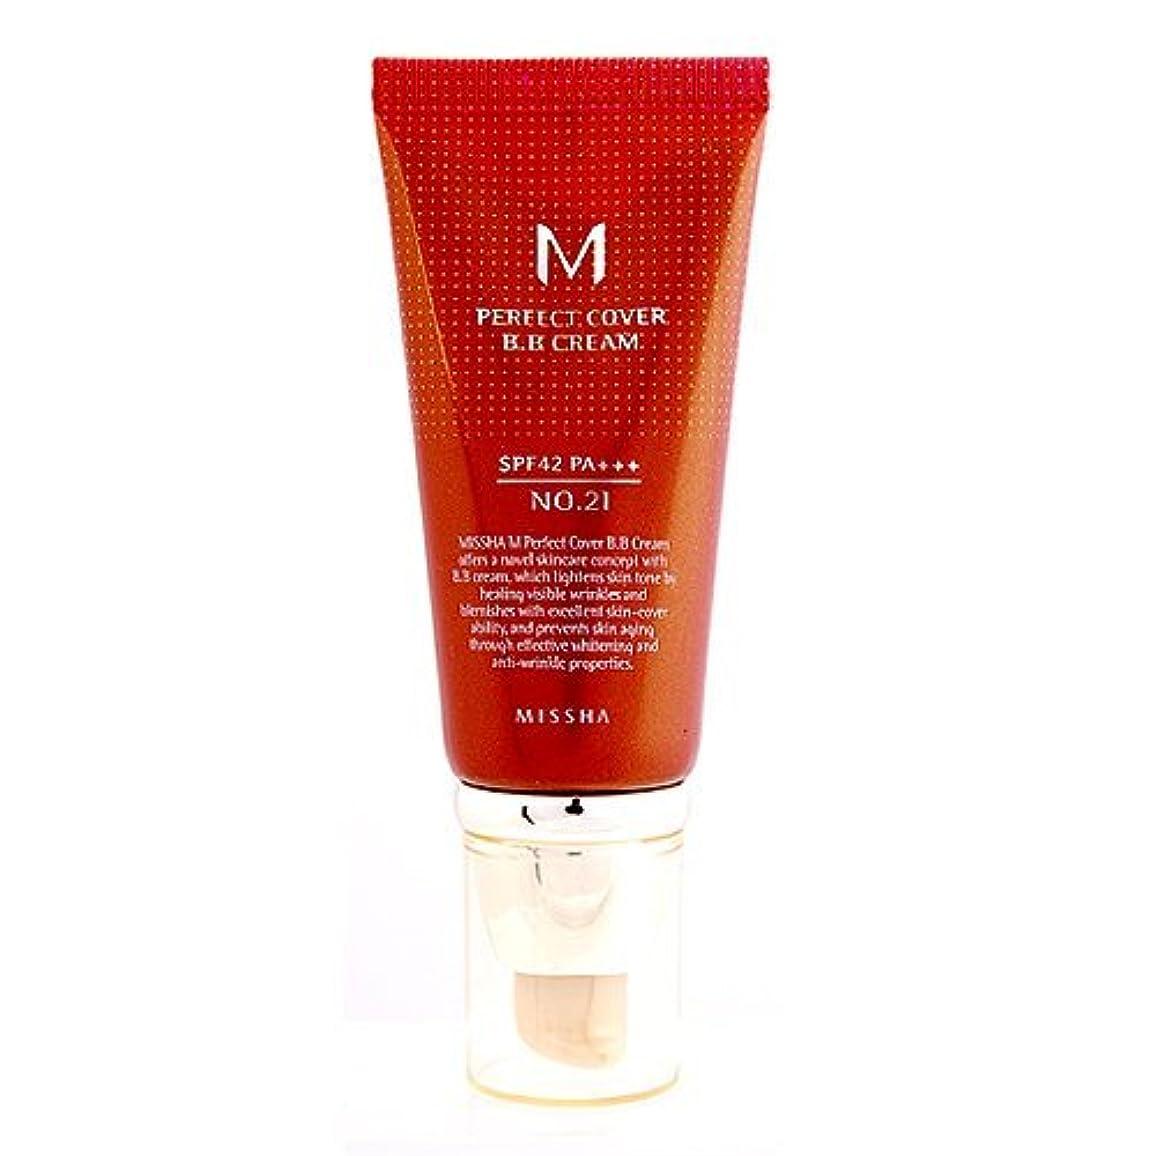 内訳臨検交じるMissha M Perfect Cover B.B. Cream SPF 42 PA+++ 21 Light Beige, 1.69oz, 50ml